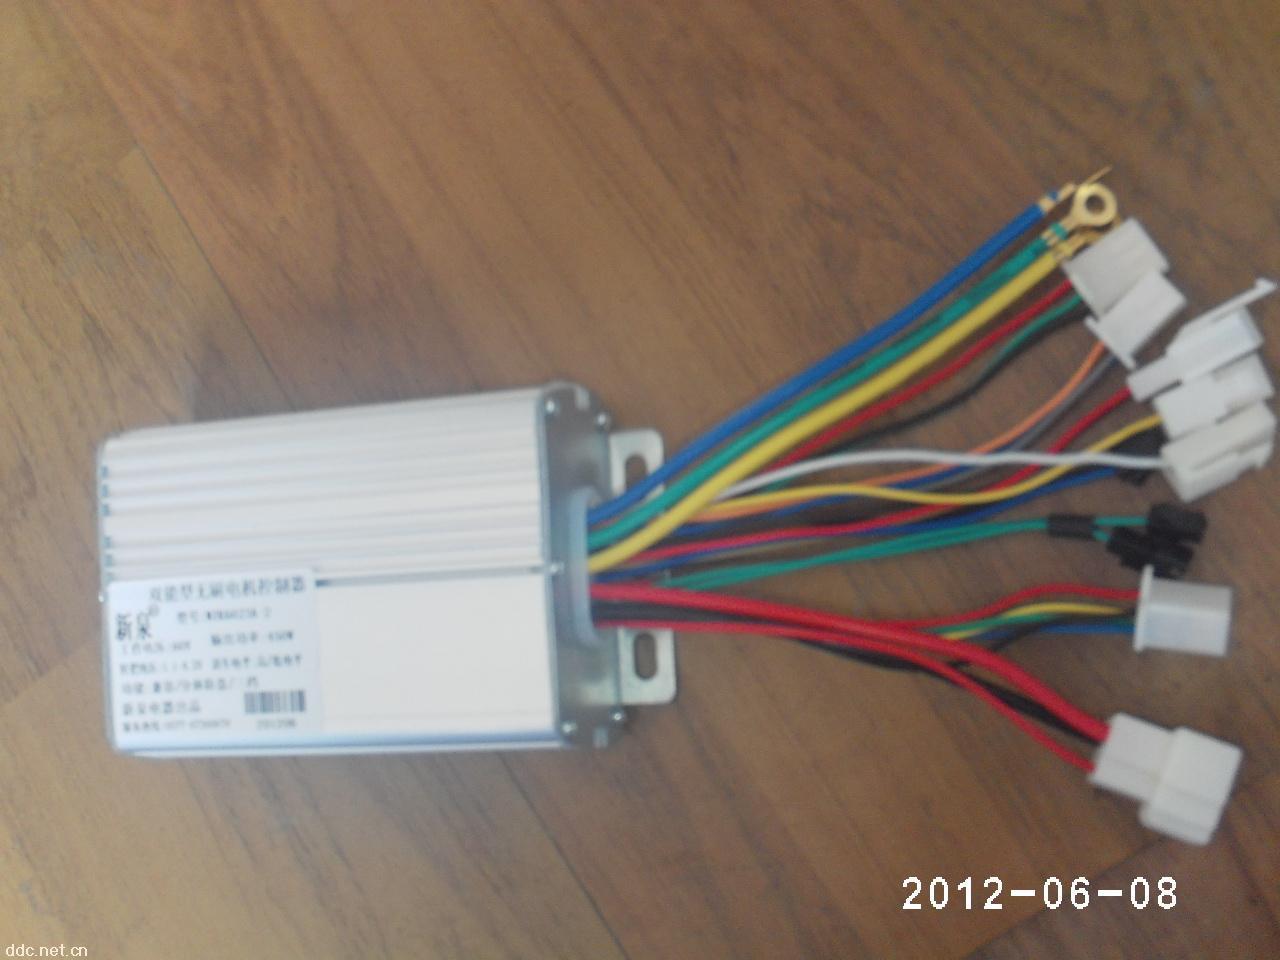 台州电动车接线盒诚招区域代理商  控制器接线盒全面招商